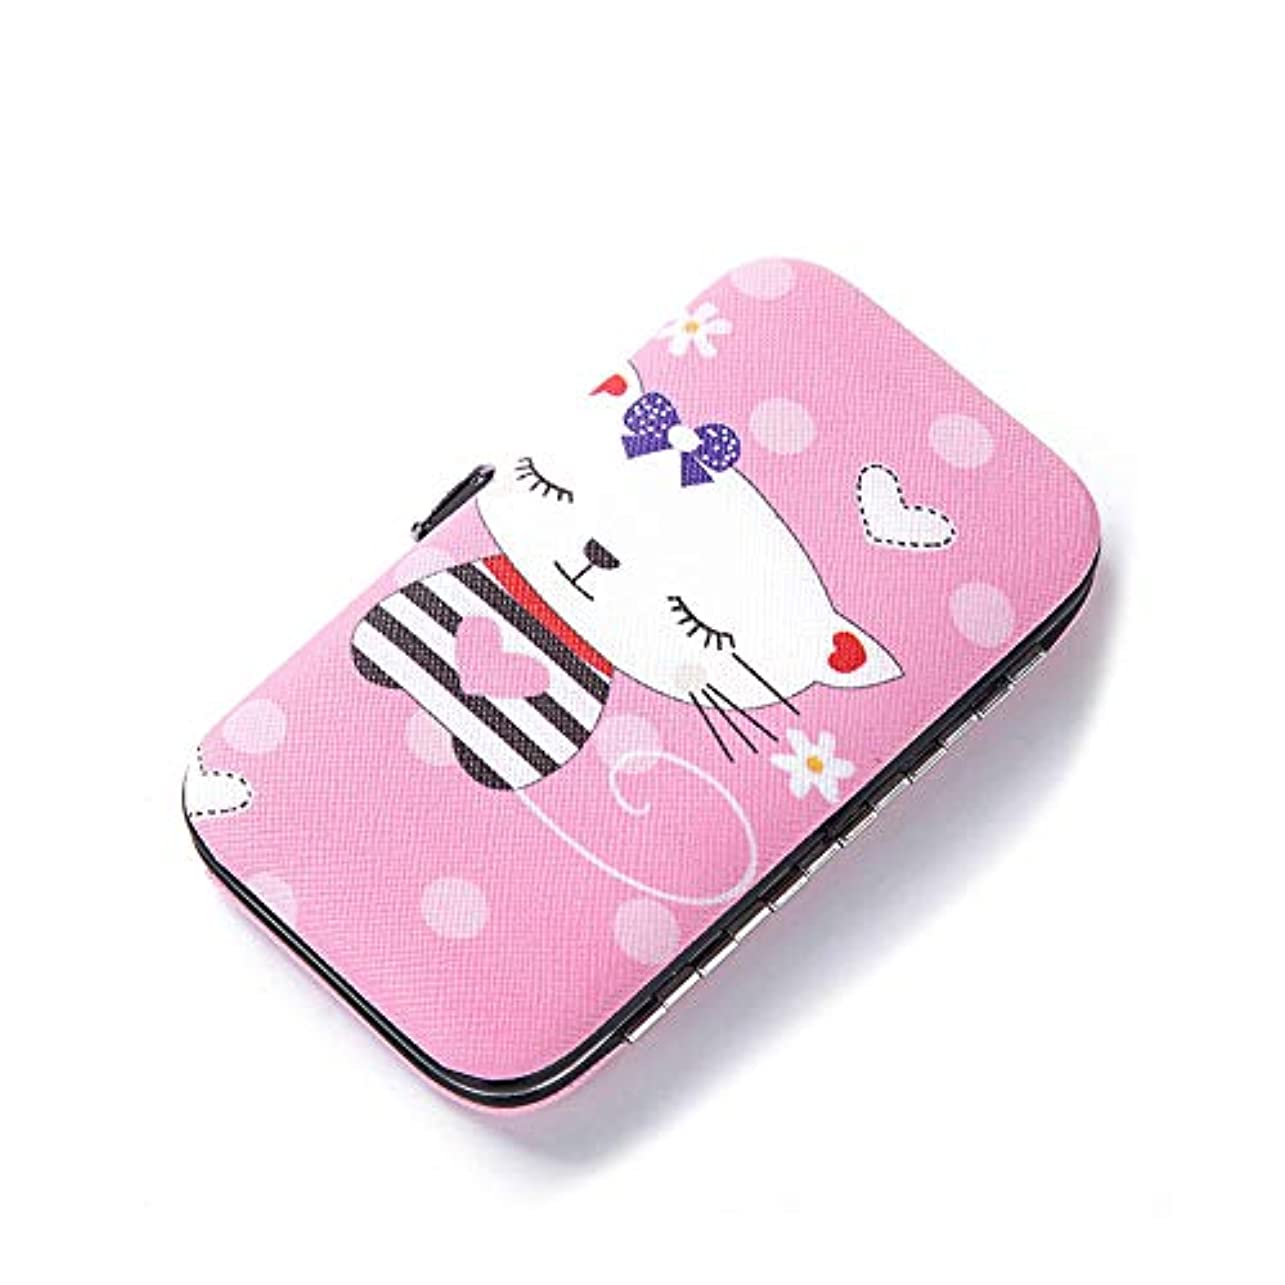 寸法マトンオペラSnner ビューティセット 爪切り 爪磨き 毛抜き ハサミ 耳かき 携帯 持ち運び 旅行 キャラクター (Pink cat)